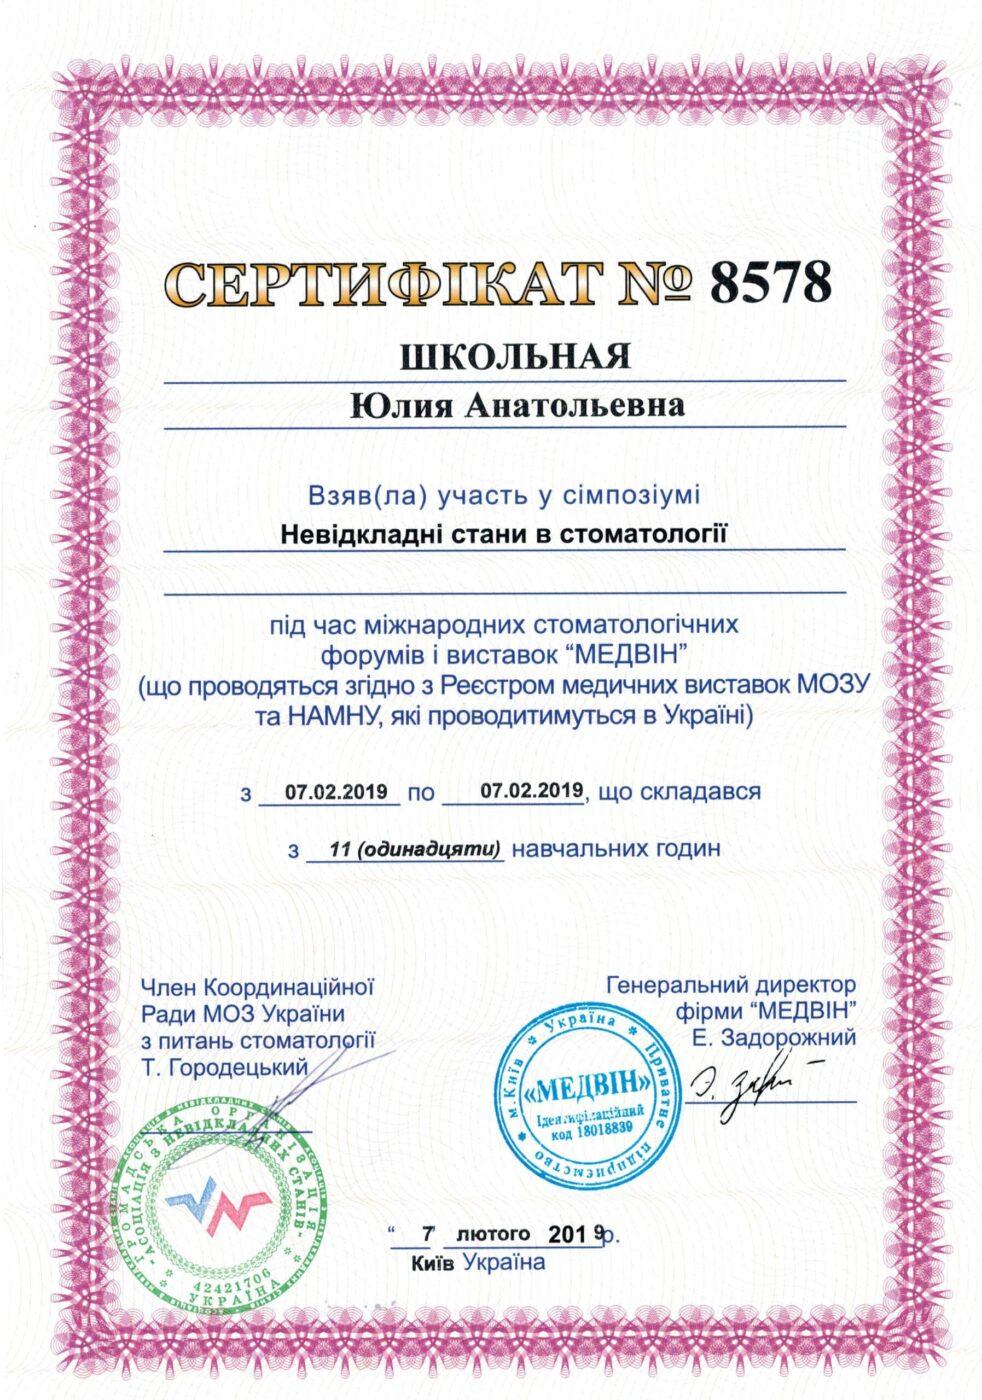 Сертифікат дитячого лікаря стоматолога Шкільної Юлії Анатоліївни об участі у симпозіумі (Невідкладні стани в стоматології)